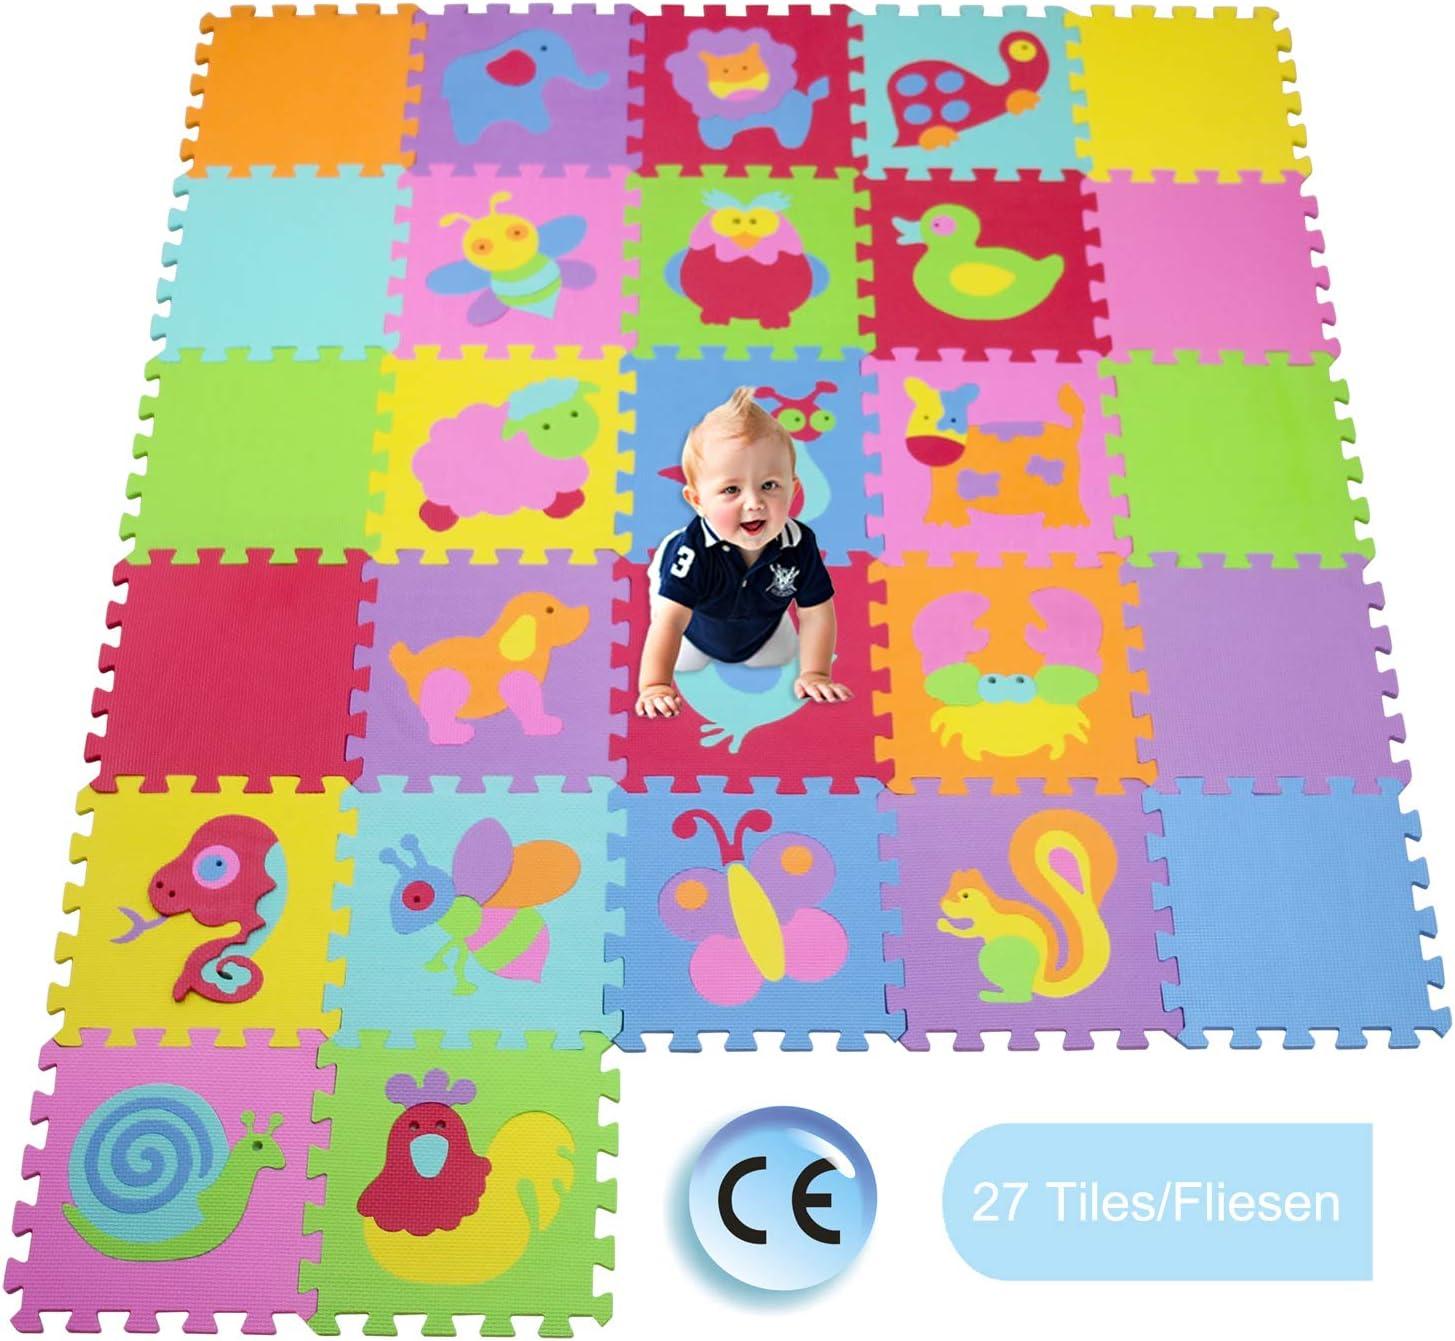 XMTMTD Alfombra Puzle Niños Colchoneta Suave niños Puzzle Play Mat Colorido Suave no tóxico Jigsaw Espuma baldosas de Piso y Juguetes Estera Juego Puzzle para Bebé EVA AMT1011CS9G300927